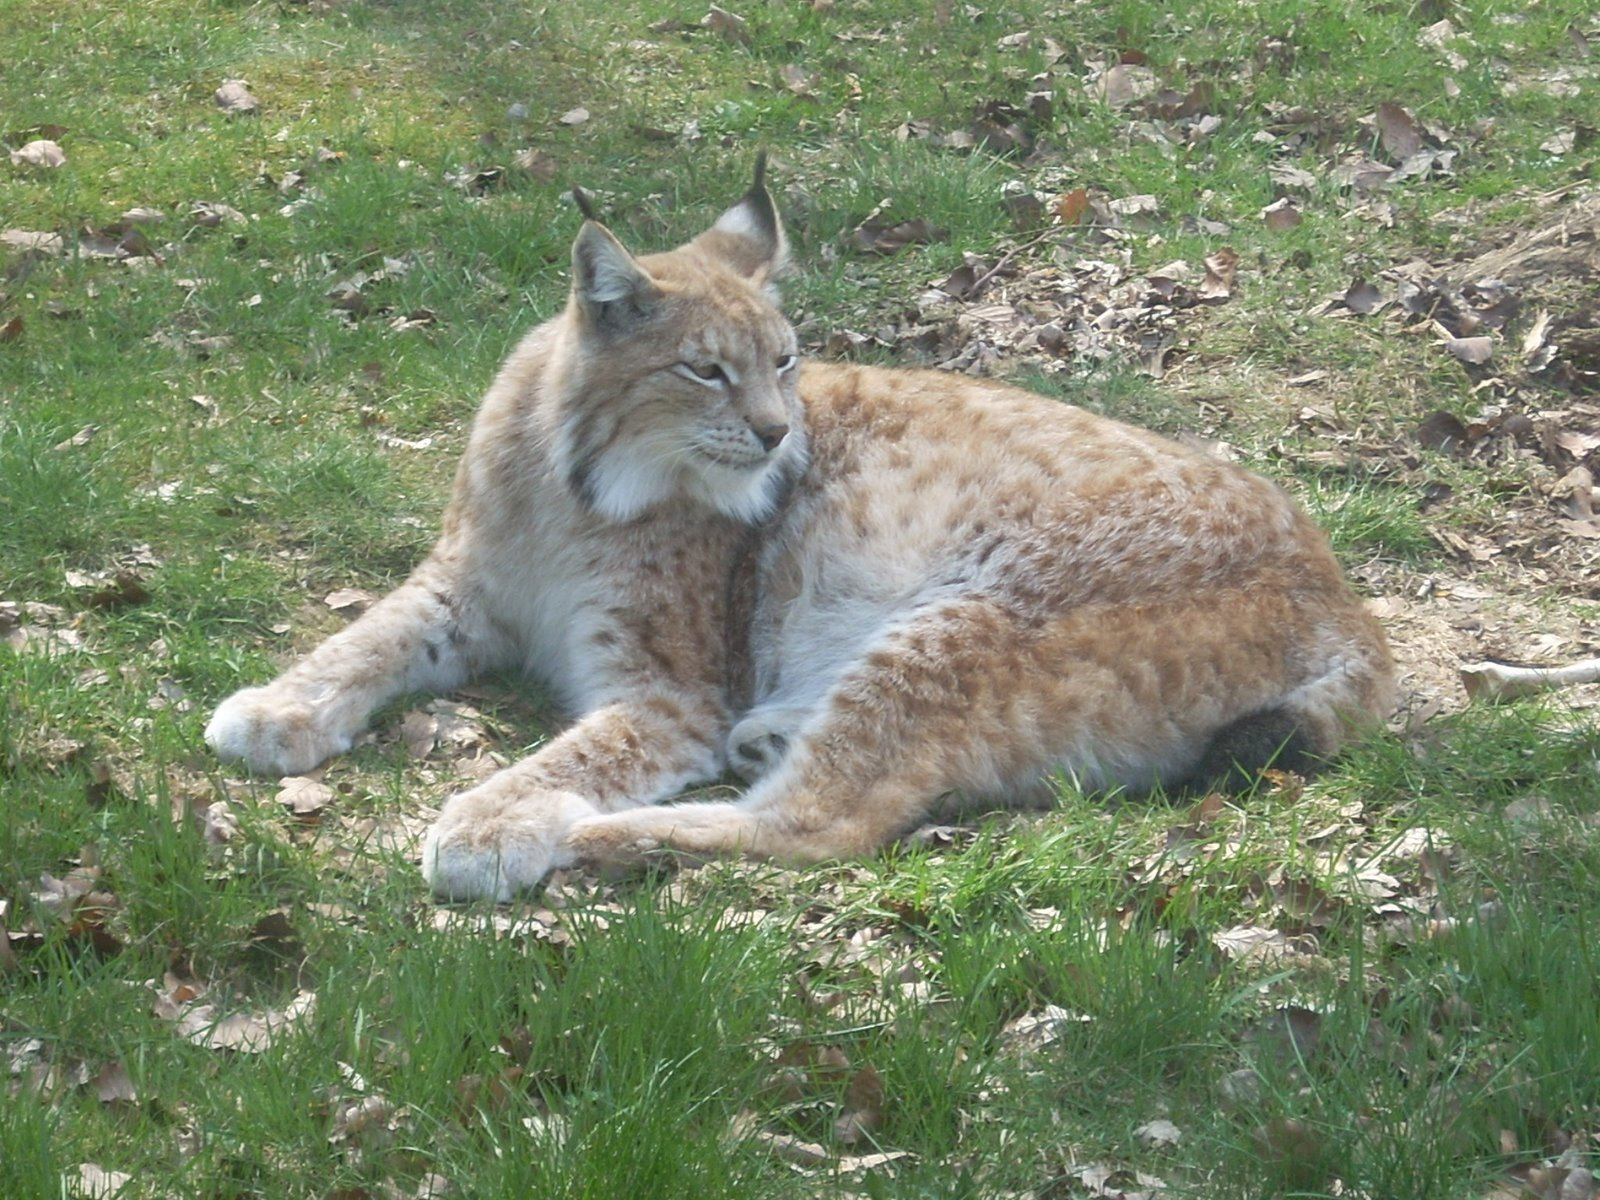 Zona Kucing Penyakit Pada Kucing 1000 Fakta Unik Dan Menarik